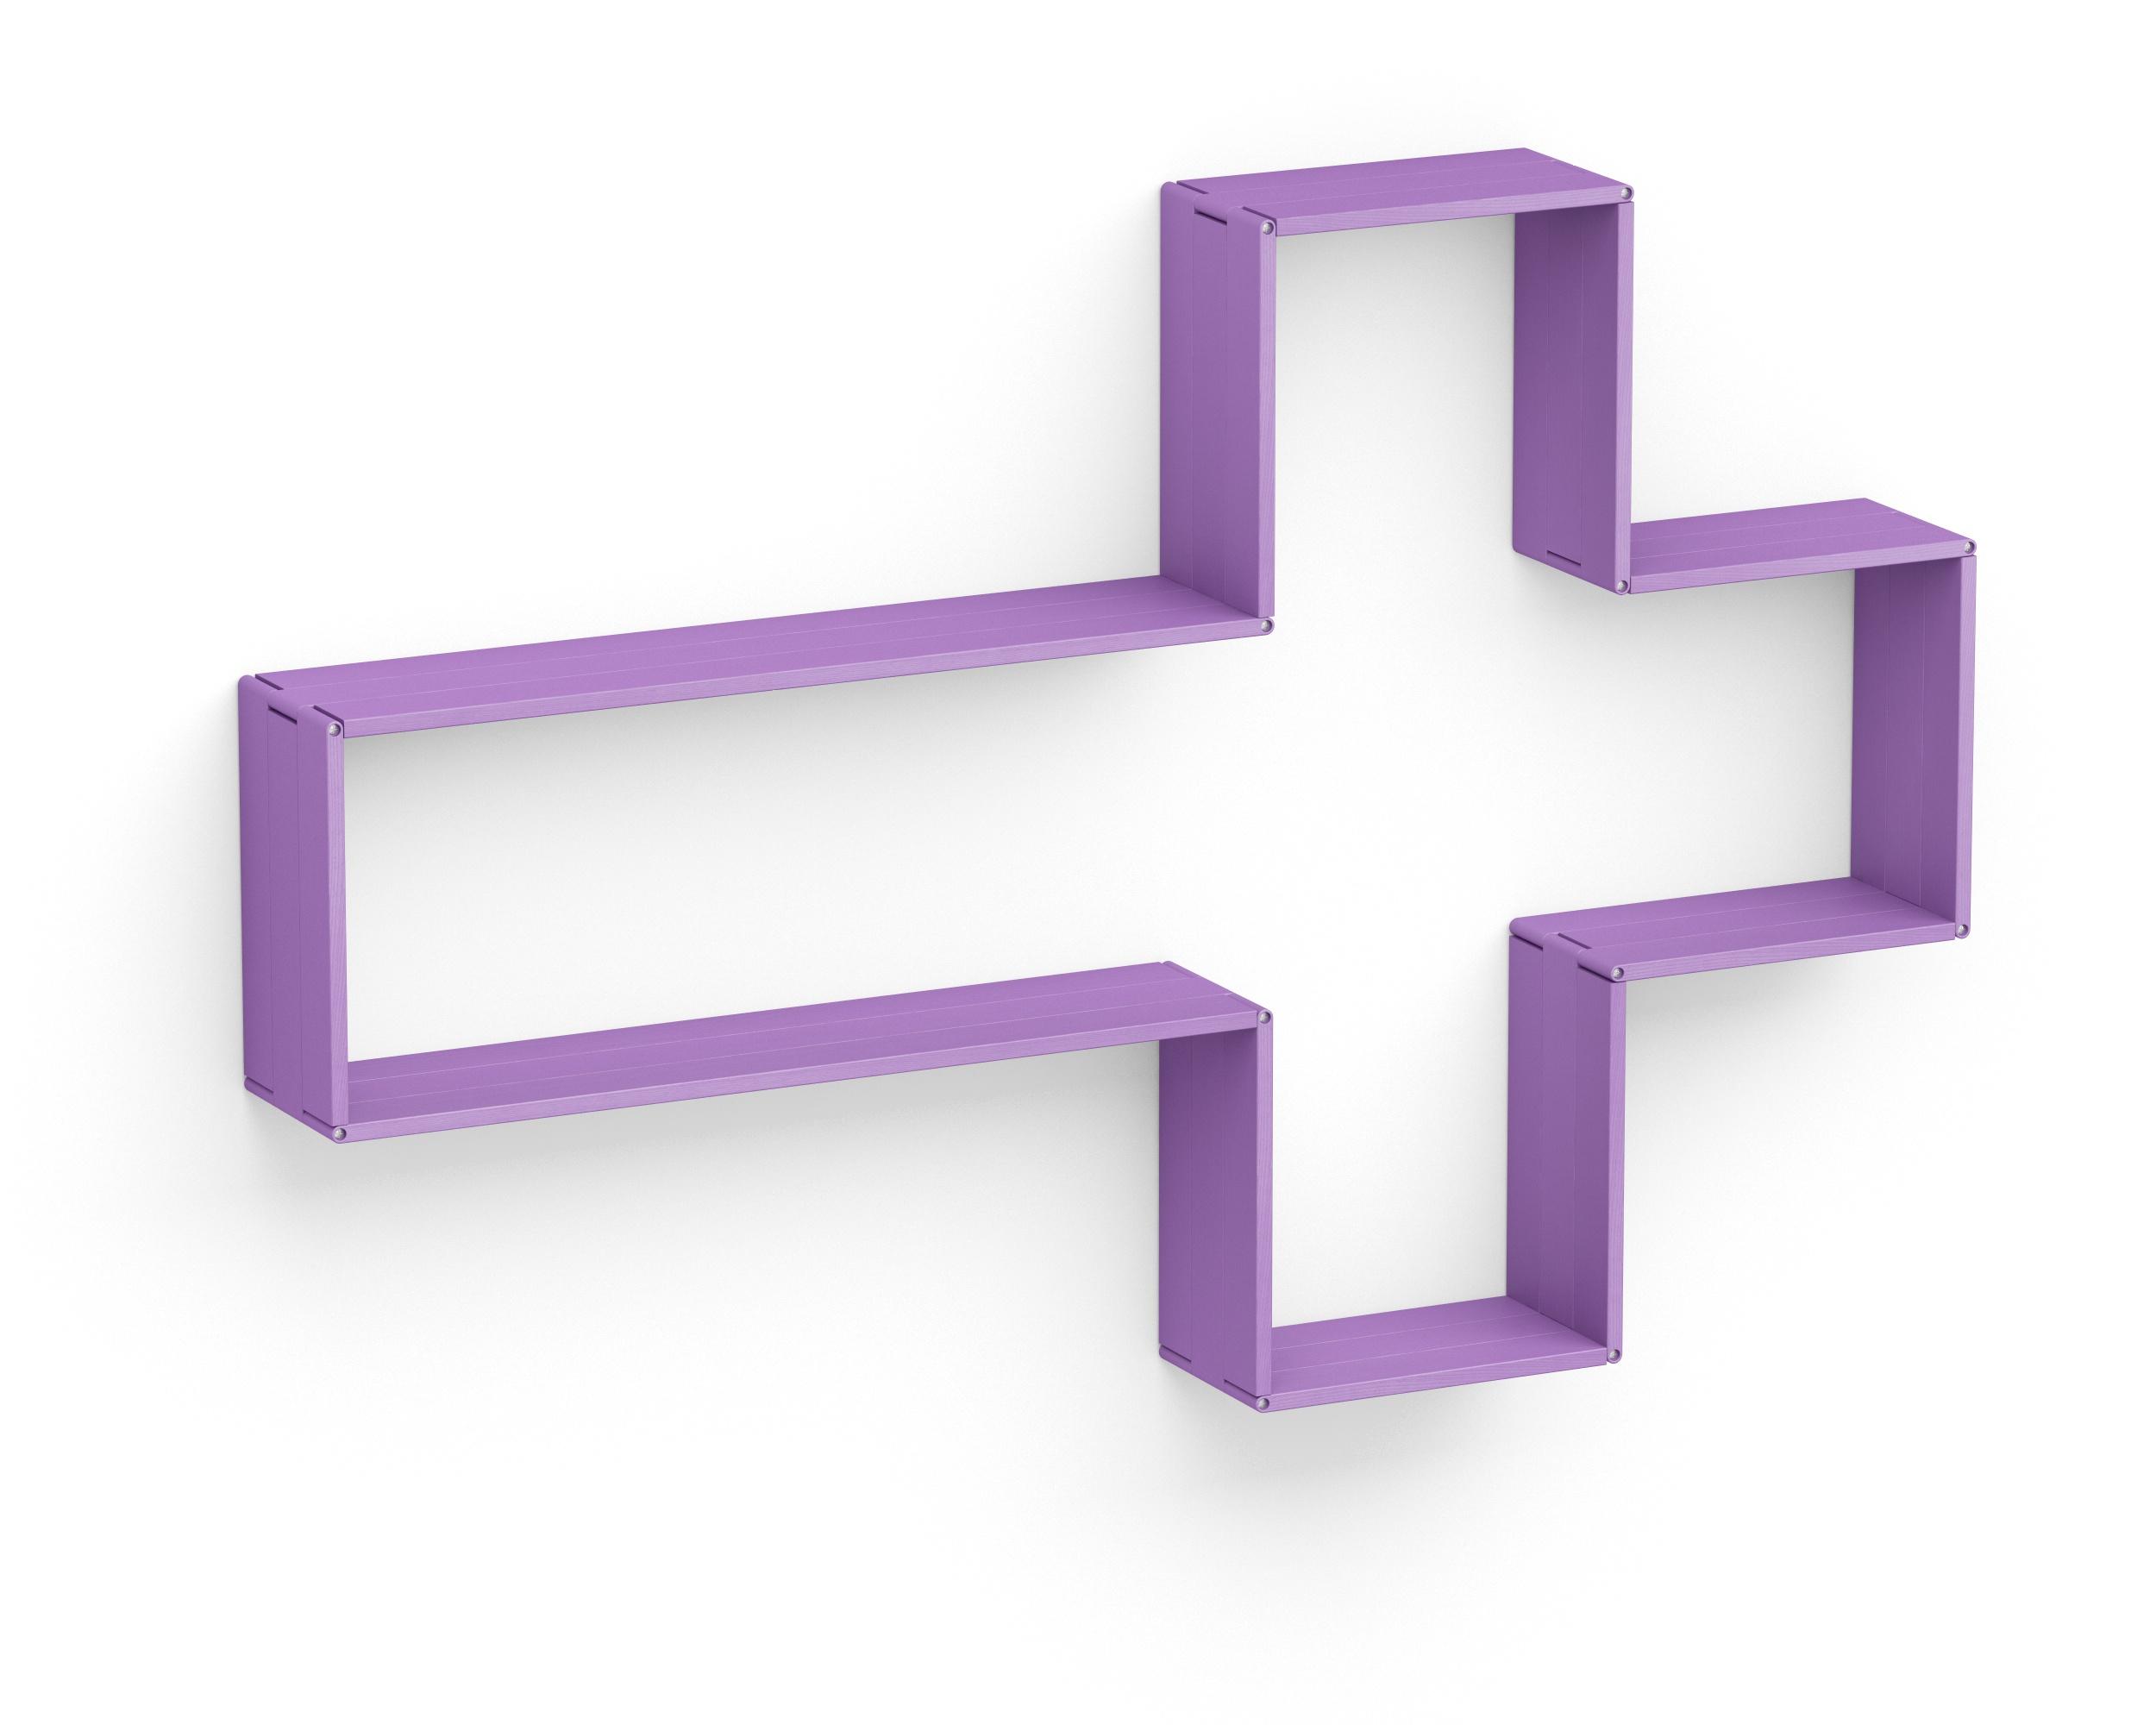 Полка-конструктор LATITUDE Flex Shelf set 105Полки<br>&amp;quot;Latitude Flex Shelf Set 145&amp;quot; ? настоящий простор для фантазии и идеальный предмет интерьера для тех, кто не &amp;quot;наигрался&amp;quot;. Оригинальный конструктор, составленный деревянными прямоугольниками лавандового цвета, не ограничивает вас никакими рамками. Вы можете придать ему те пропорции, которые являются для вас наиболее интересными и лучше всего подходят к окружающему пространству. Стрелка, крест, капля ? попробуйте все эти формы, а при возможности каждый раз меняйте их, чтобы оформление комнаты никогда не наскучило.&amp;amp;nbsp;<br><br>Material: Ясень<br>Width см: 182<br>Depth см: 22<br>Height см: 122